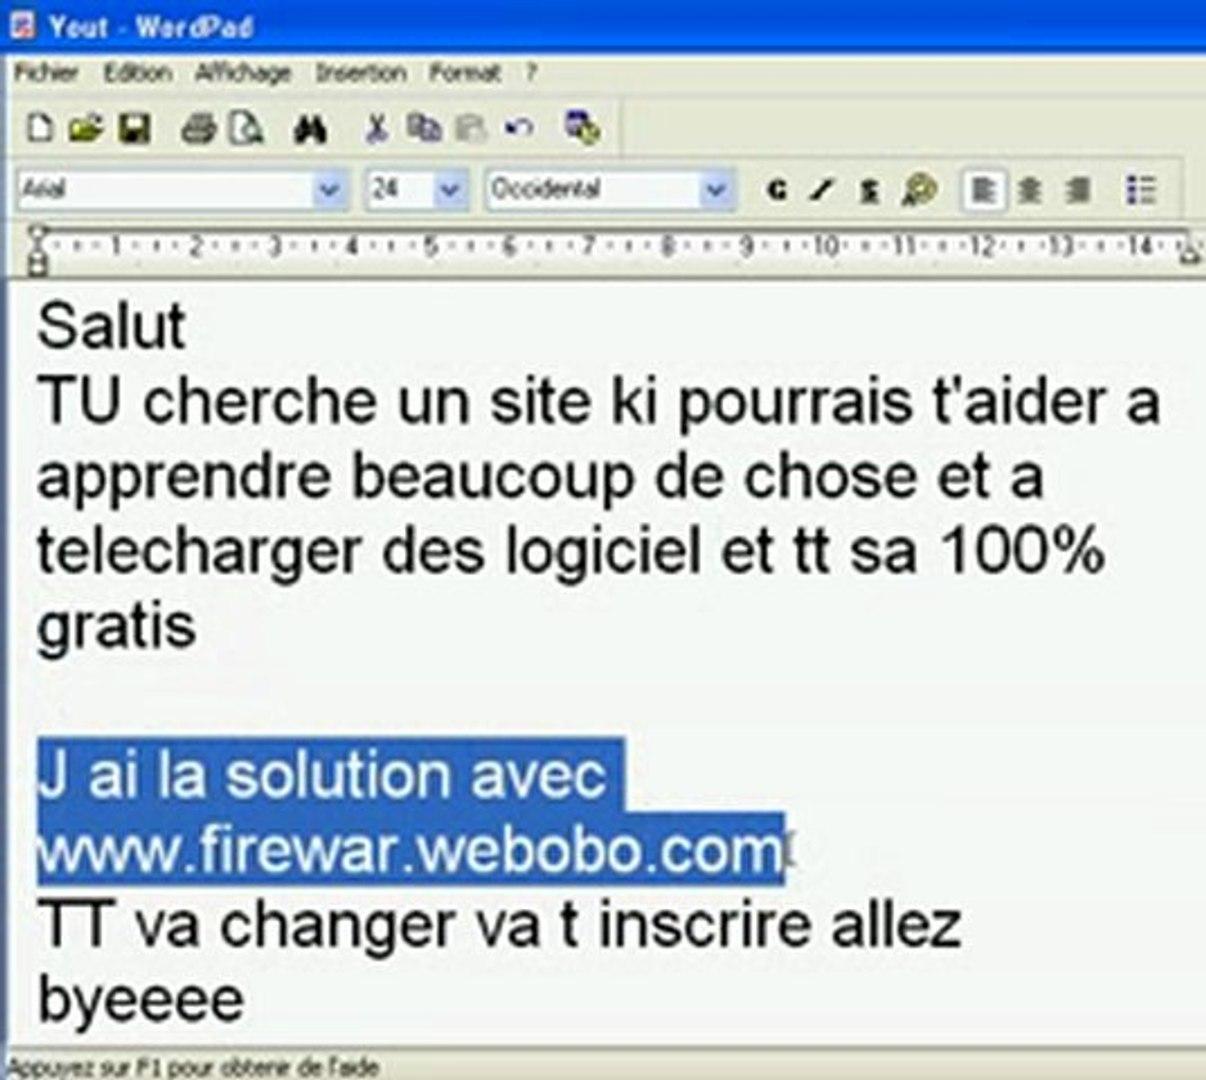 GRATUIT WEBOBO LOGICIEL TÉLÉCHARGER PIRATAGE